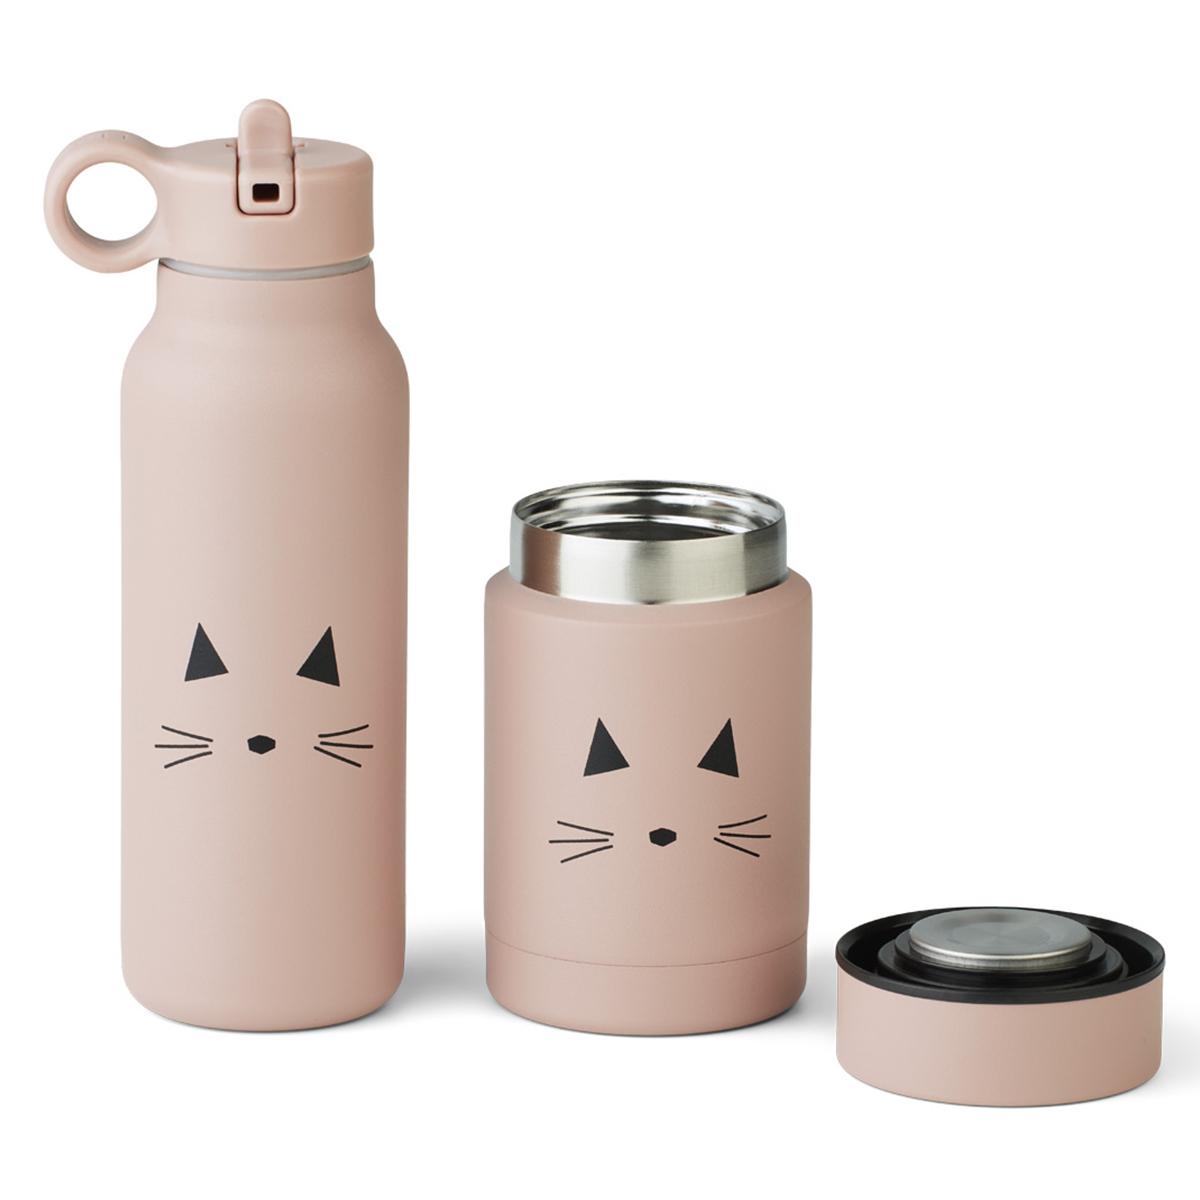 Tasse & Verre Pack Pique-nique Marlow - Cat Rose Pack Pique-nique Marlow - Cat Rose